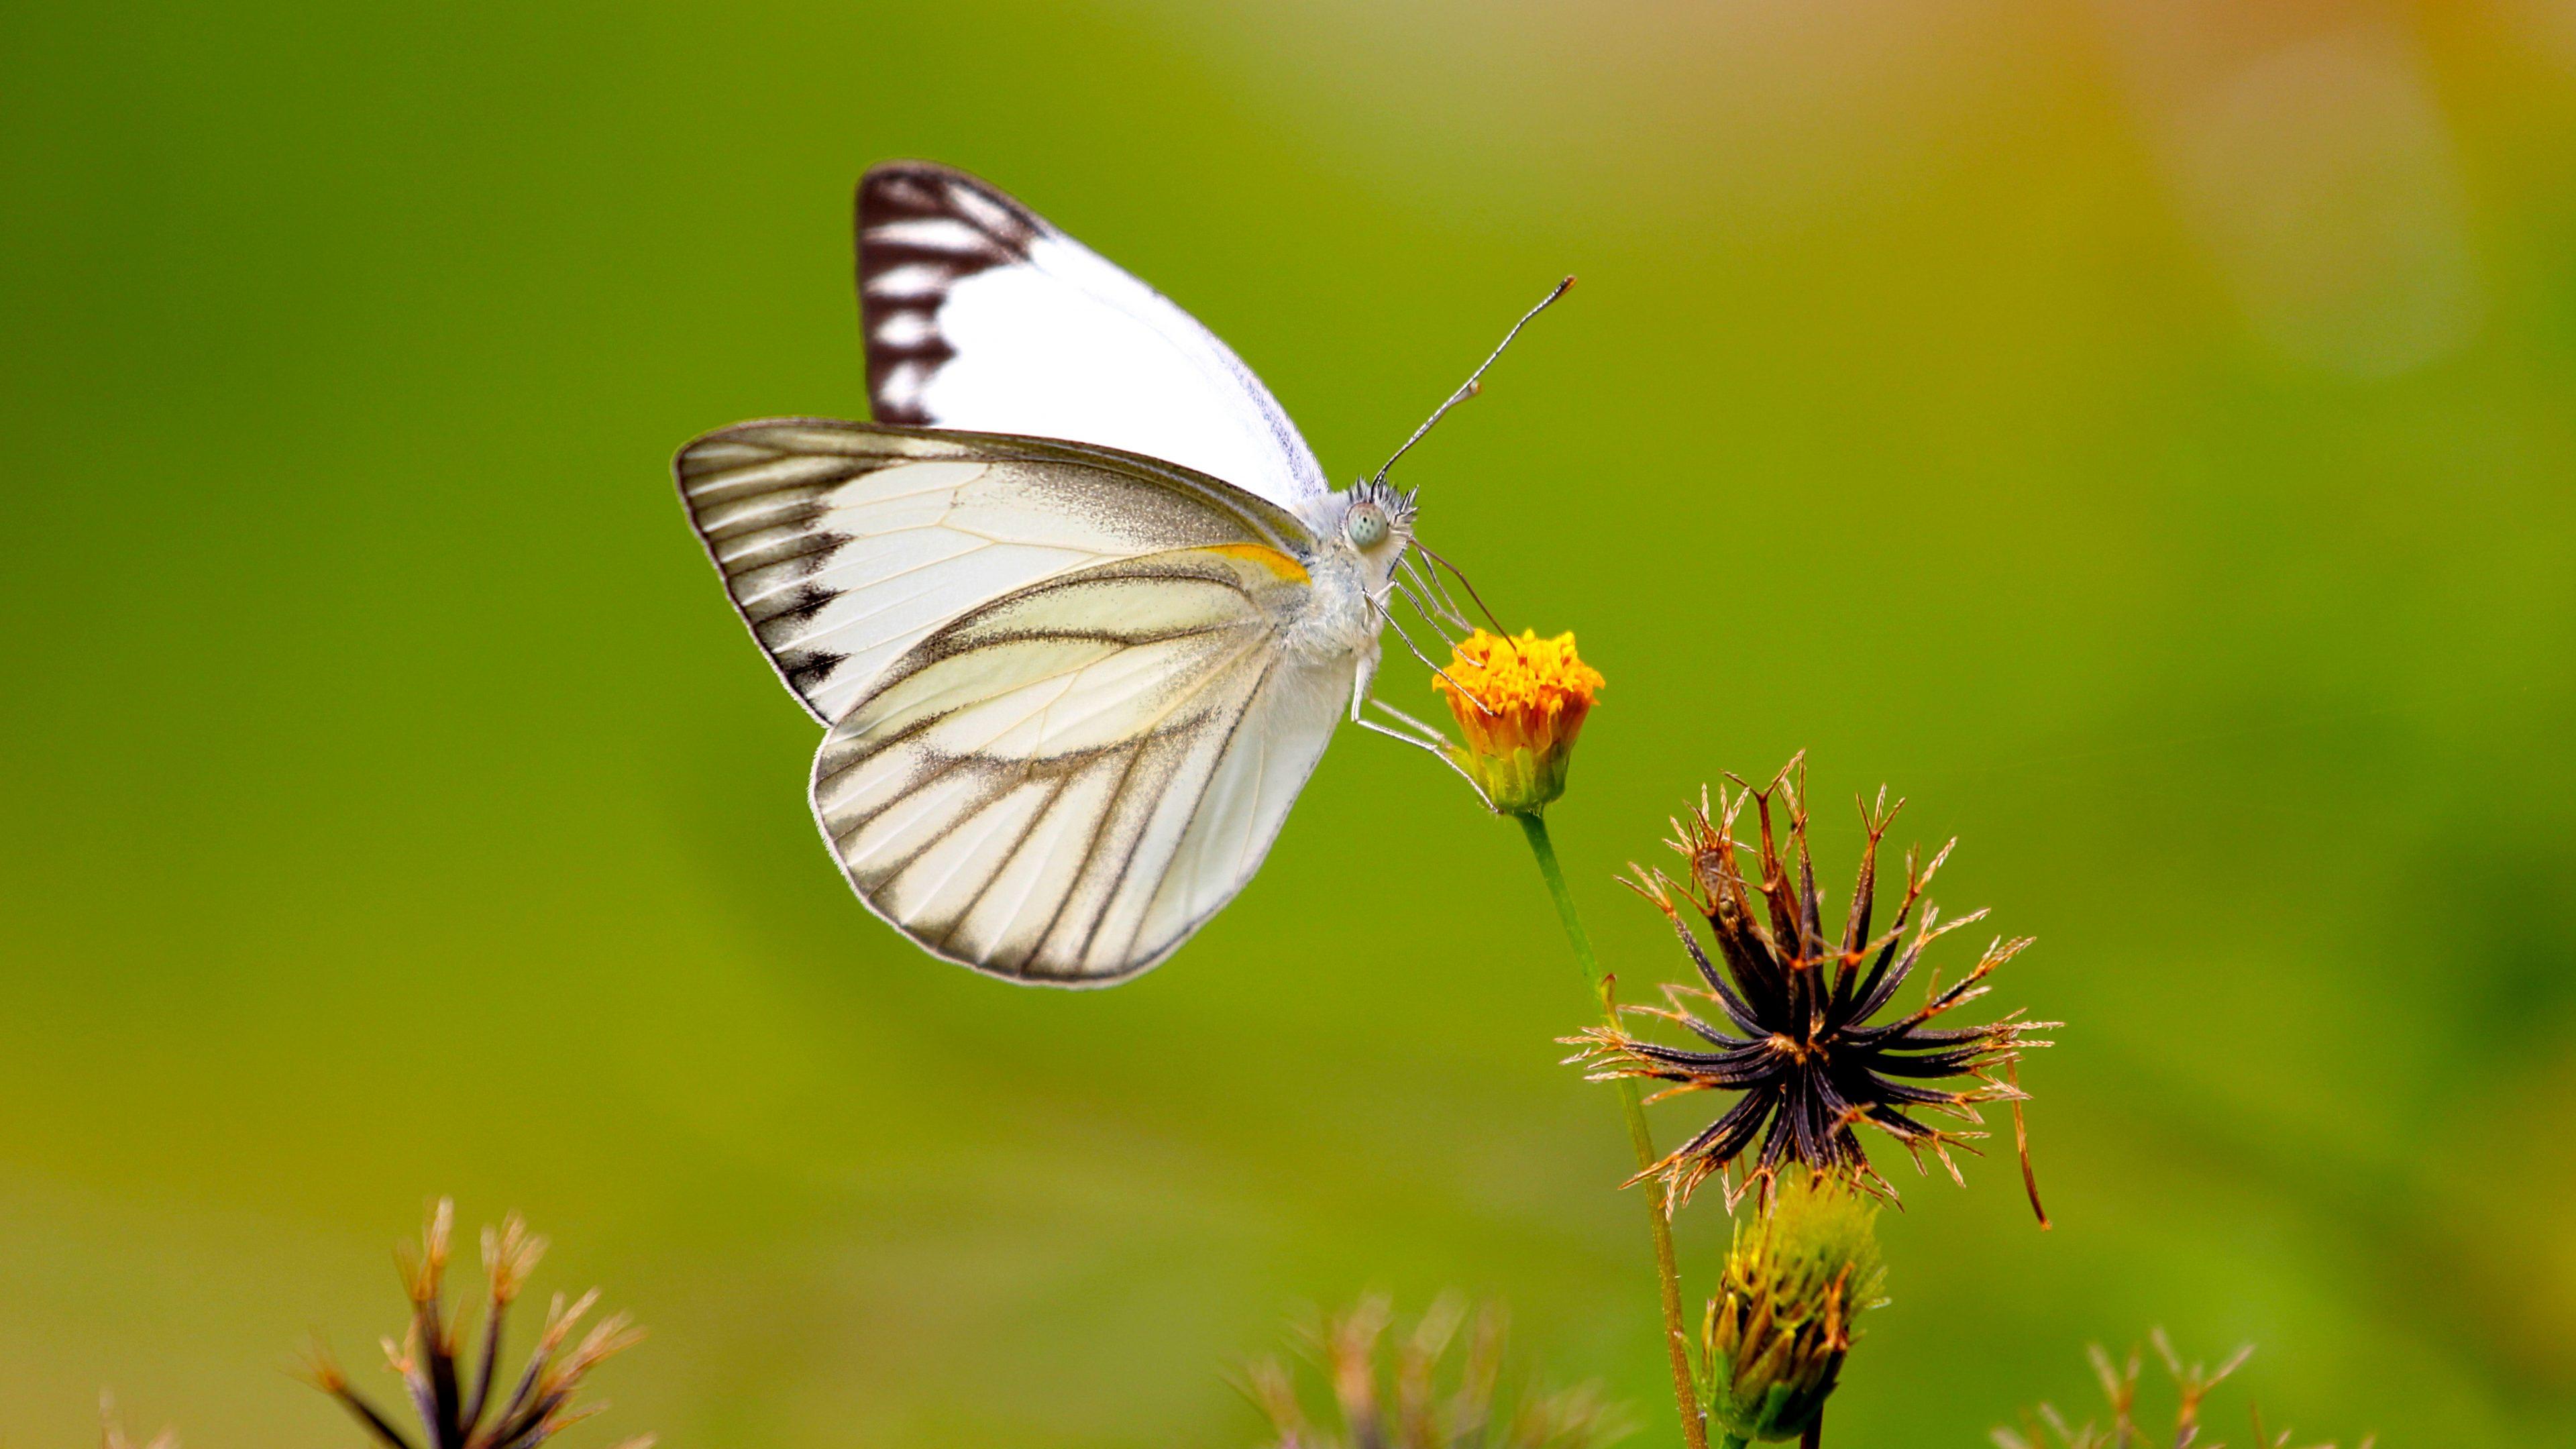 White Butterfly Wallpaper 4k 8k Hd Wallpaper Background